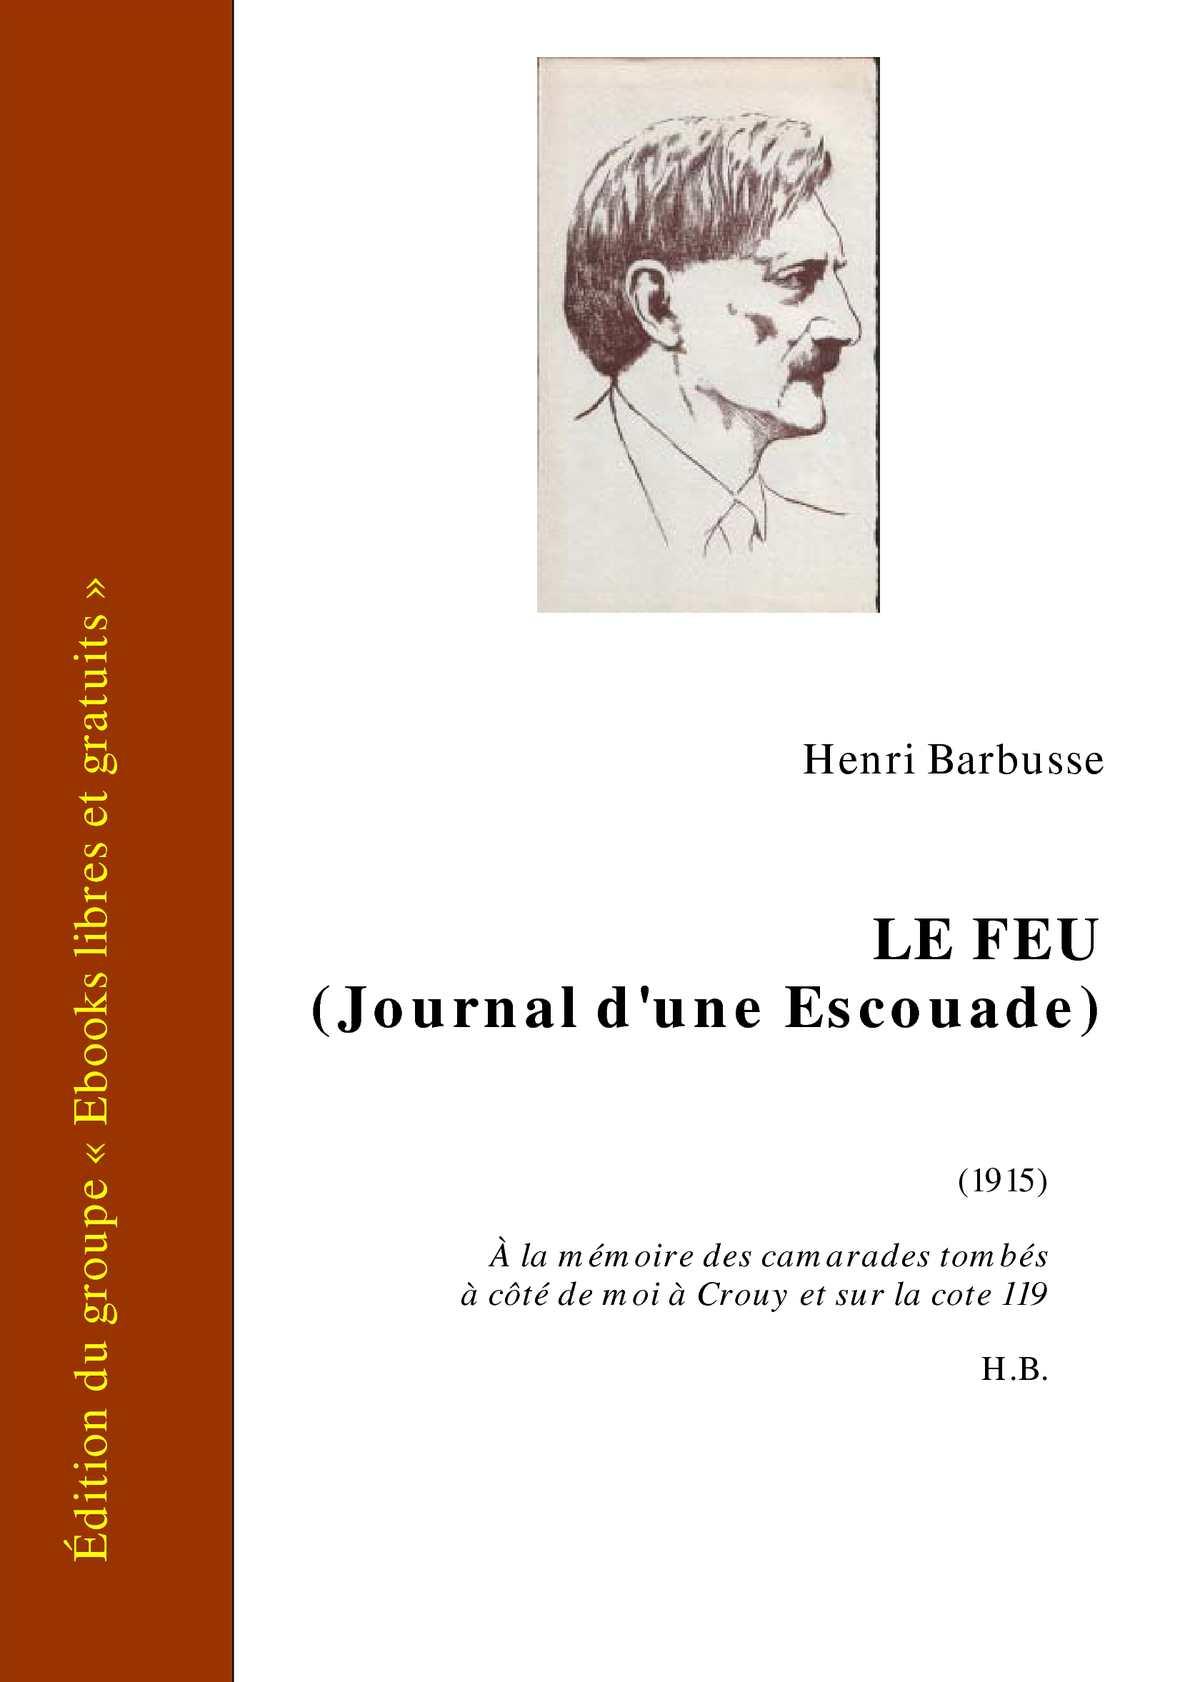 Calaméo - Henri Barbusse   le feu (journal d une escouade) - 1915 79e8317e4af